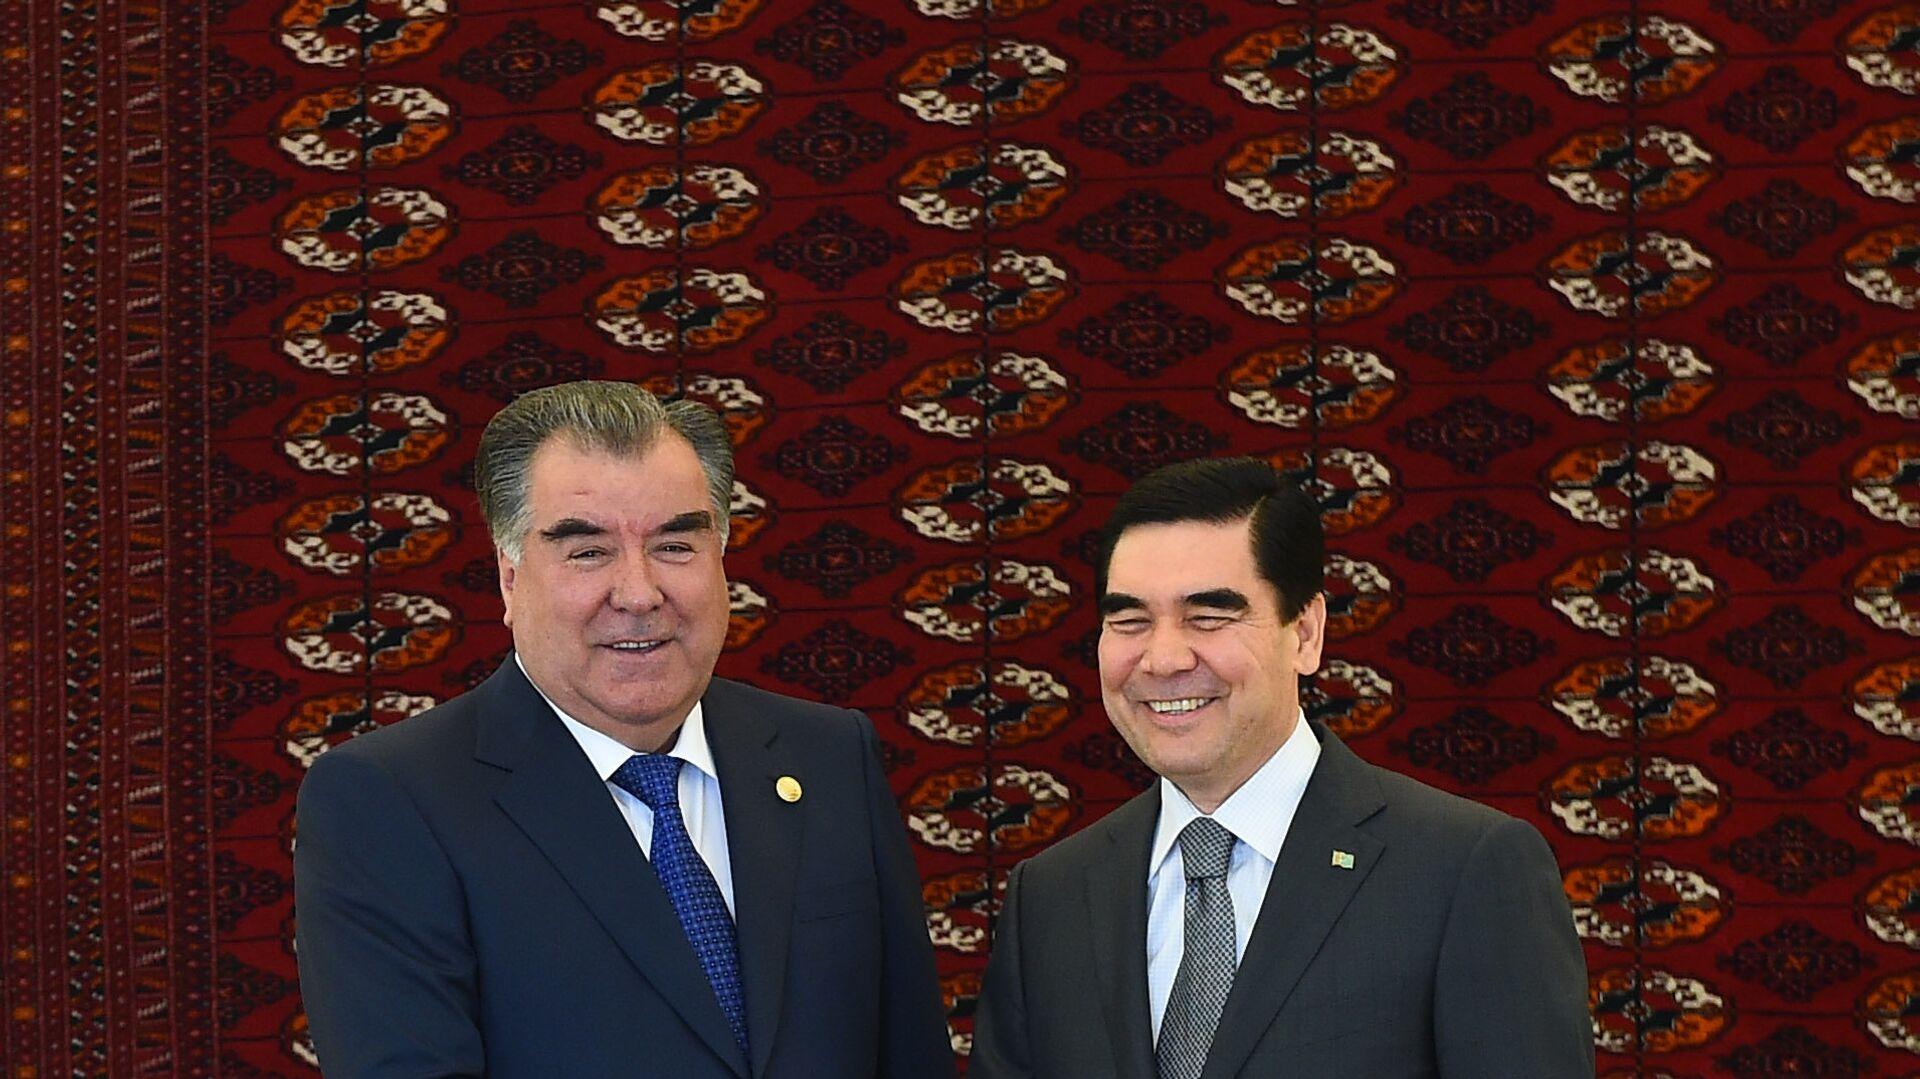 Президент РТ Эмомали Рахмон вместе с президентом Туркменистана Гурбангулы Бердымухамедовым - Sputnik Таджикистан, 1920, 29.06.2021